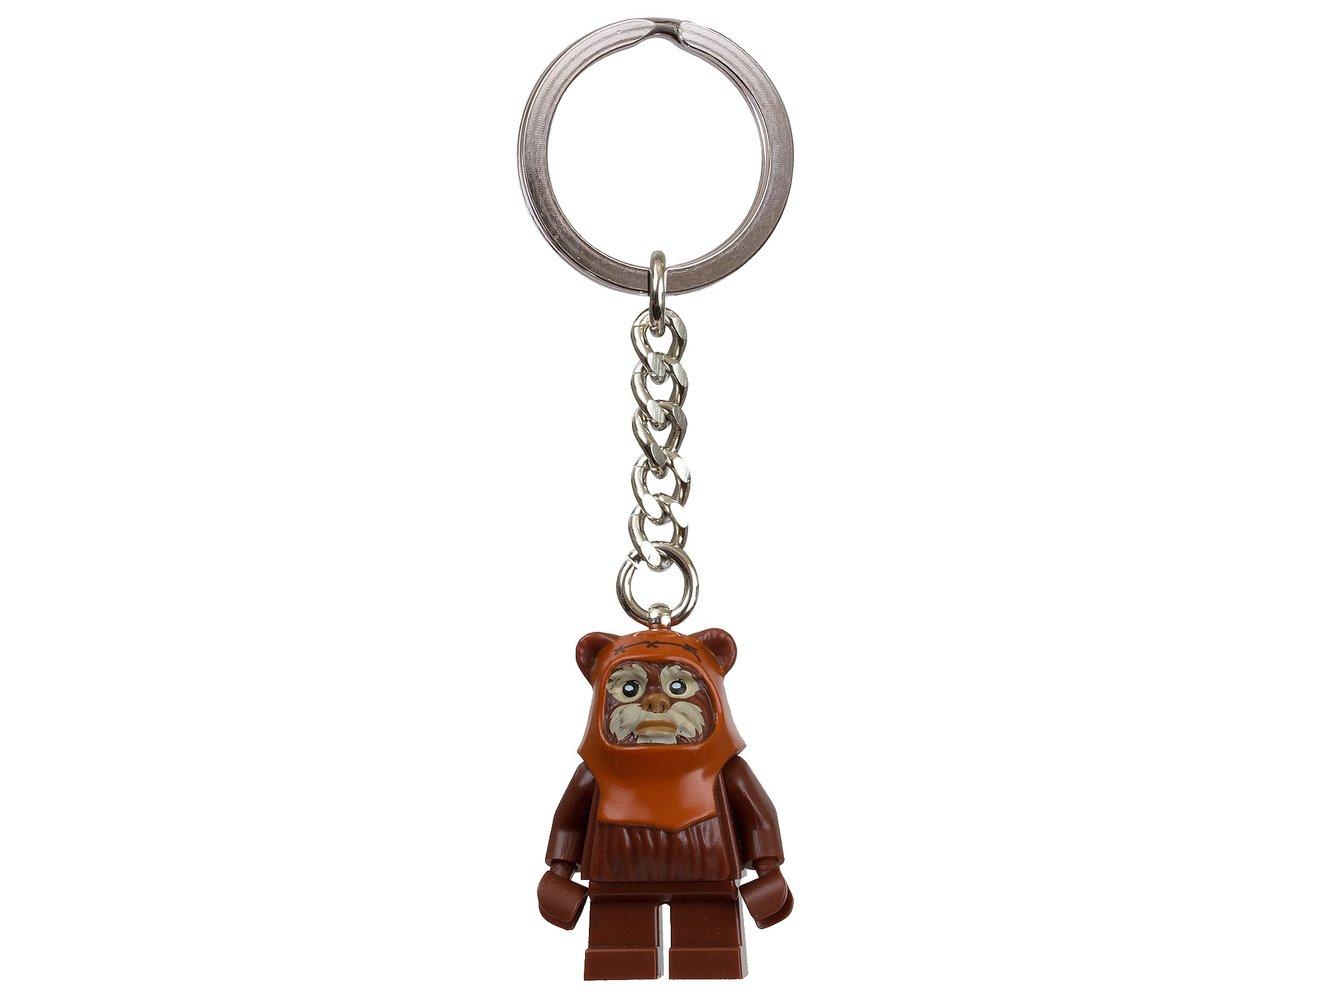 Wicket Key Chain